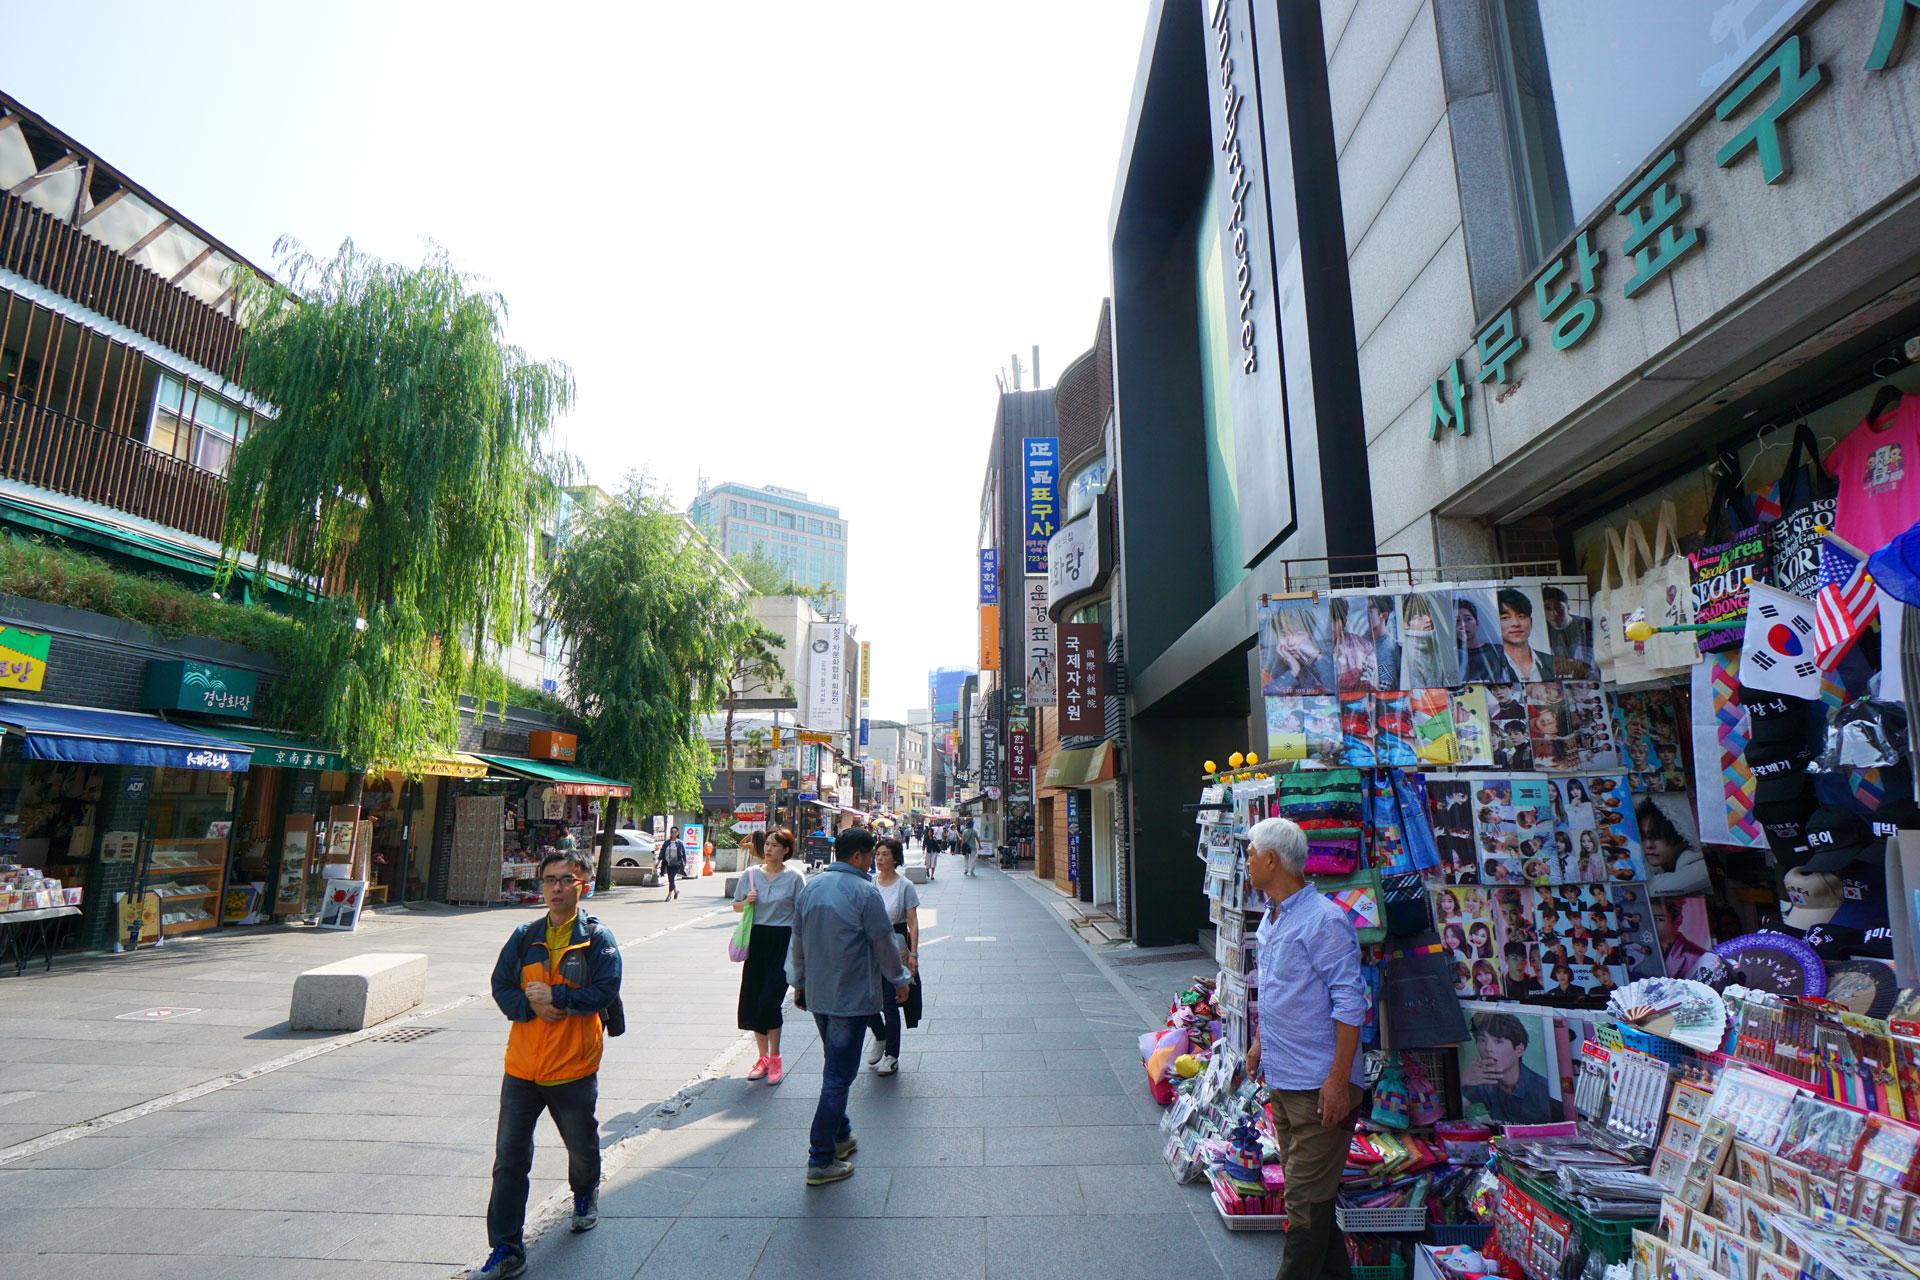 Die Einkaufsstraße von Insadong am frühen Morgen. Später wird es hier richtig voll.